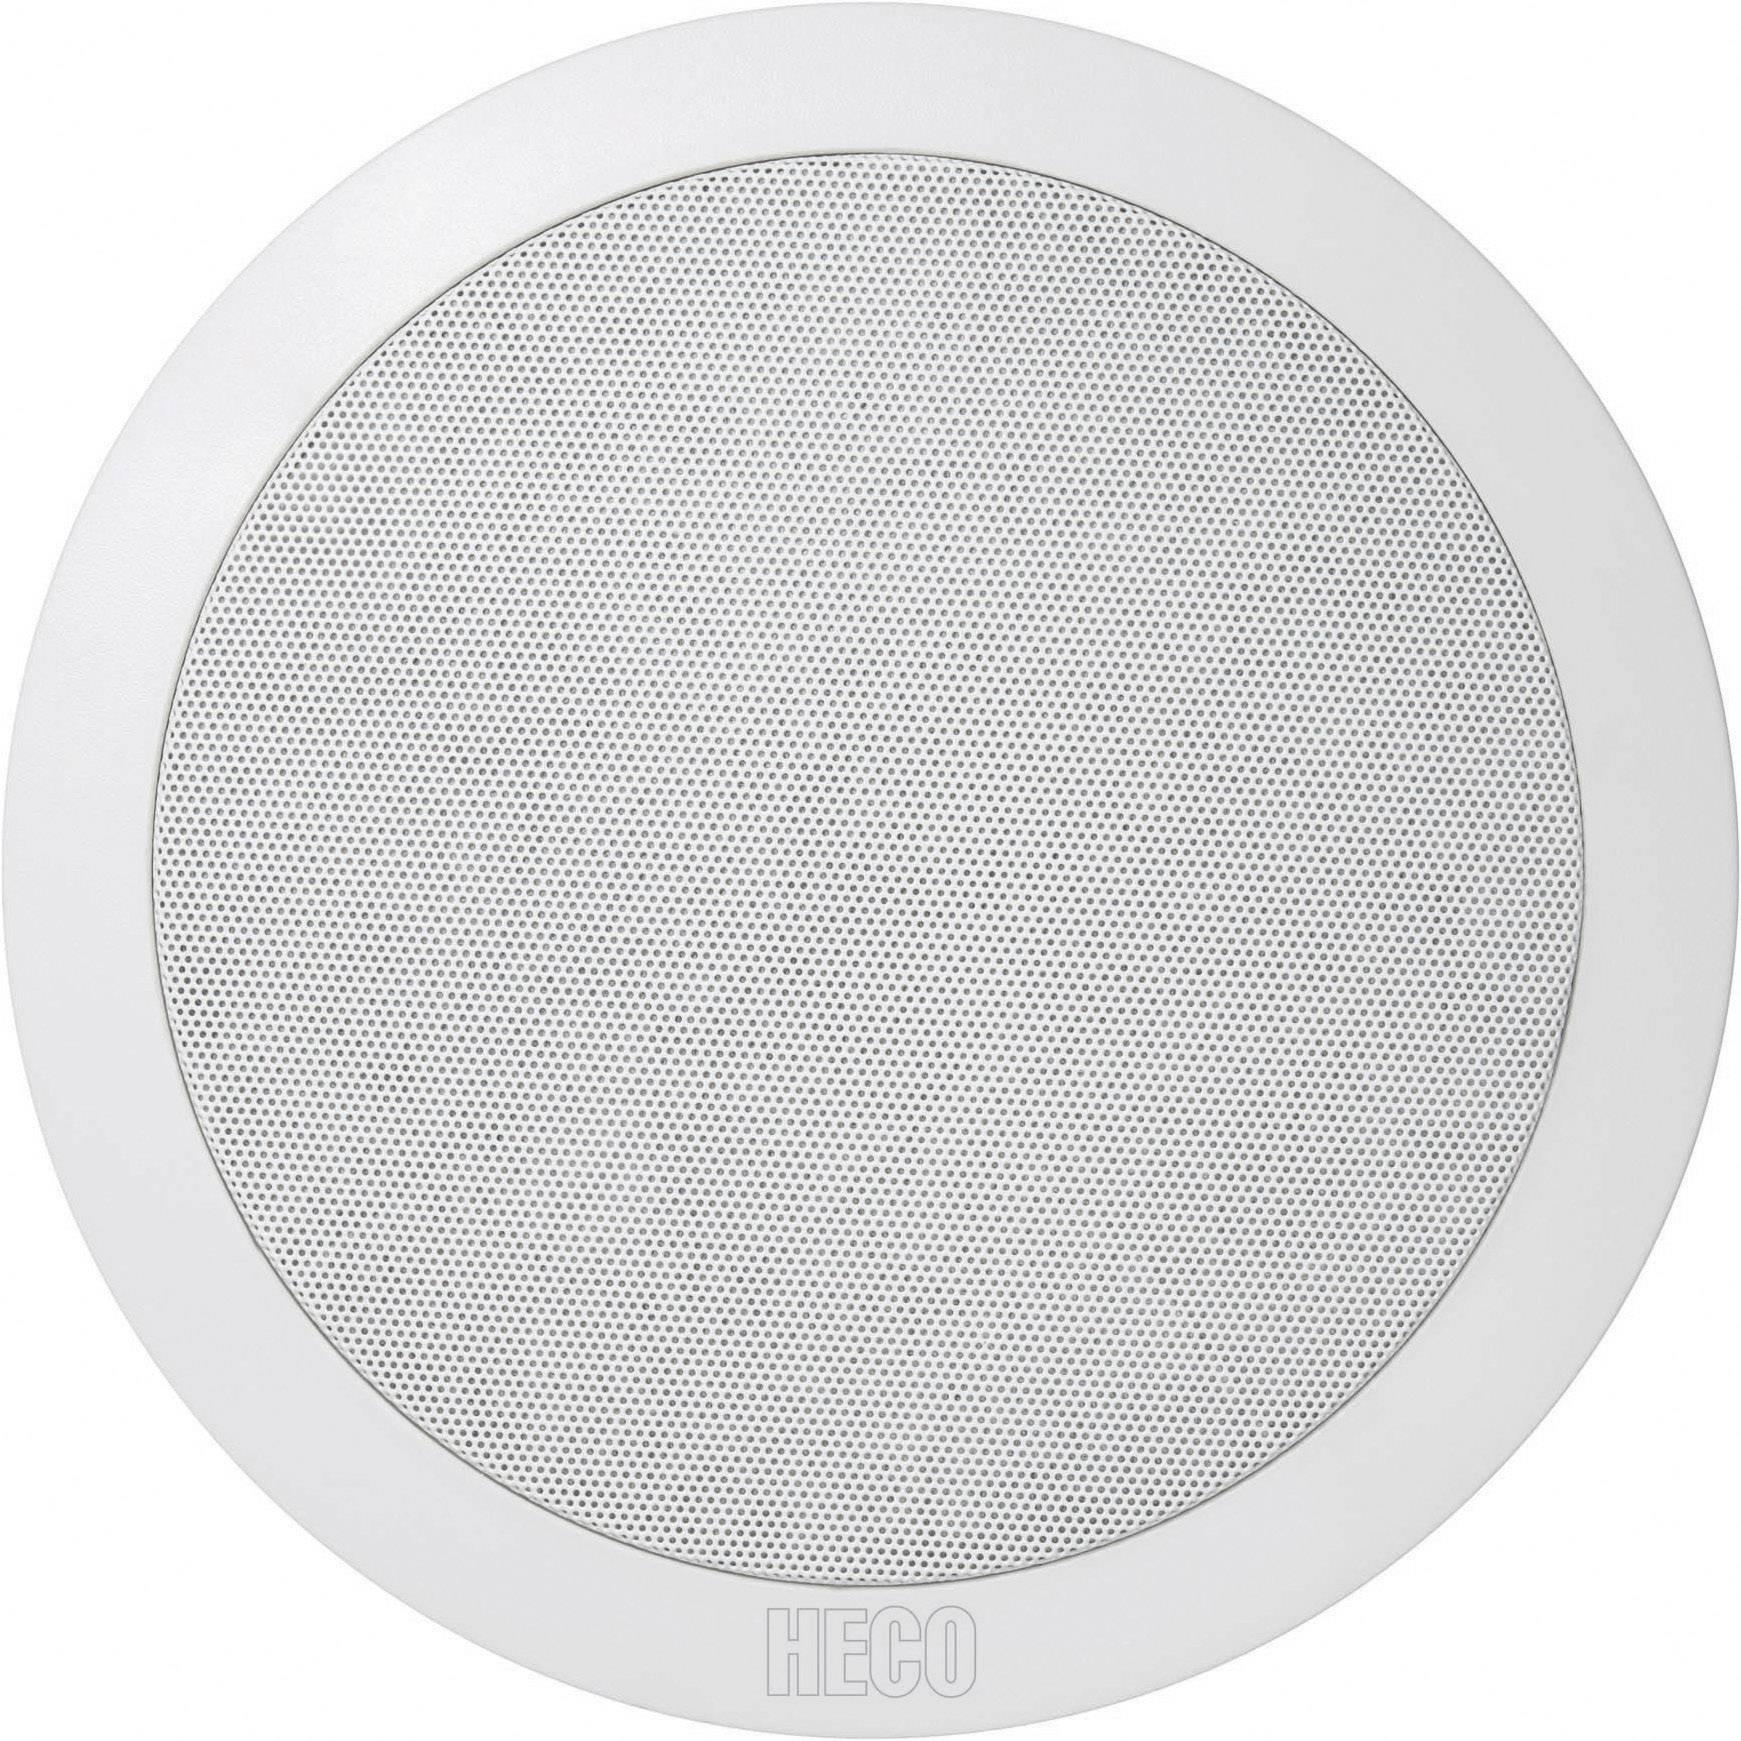 Zabudovateľný reproduktor HECO INC 62, 150 W, biela, 1 ks